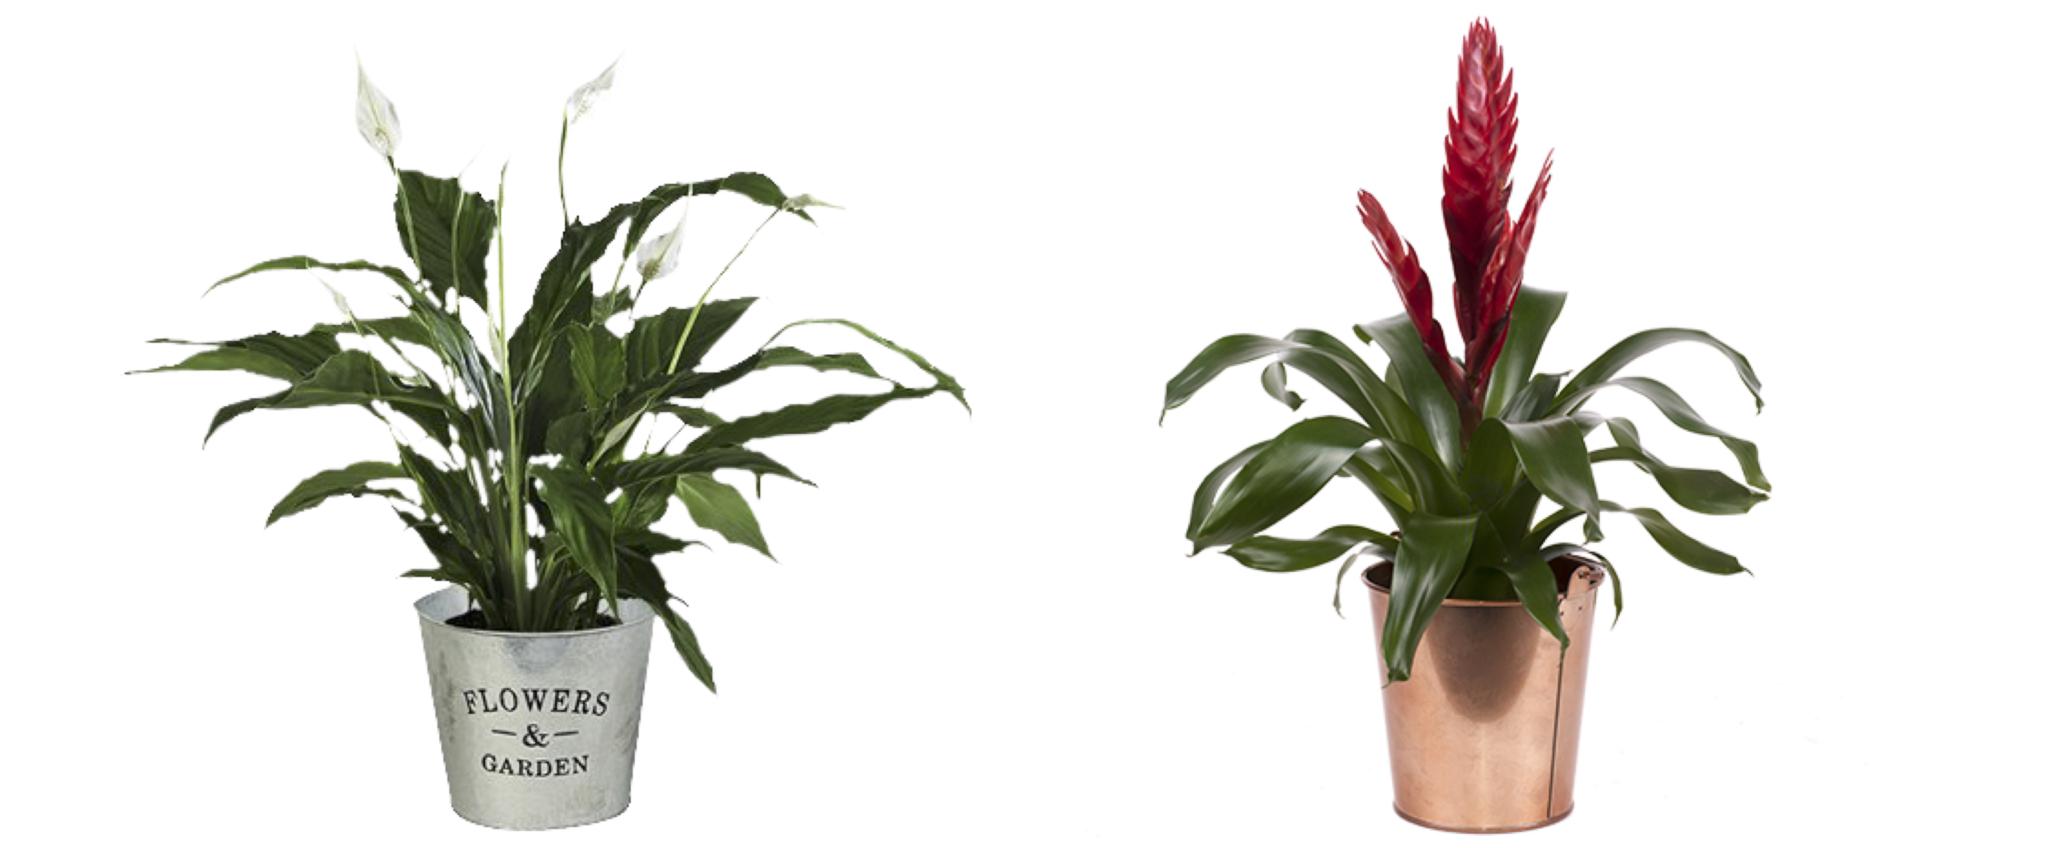 Die zwei Besten Pflanzen fürs Büro: Friedenslilie – Weißes Anthurium und Bromelien – die Exotische